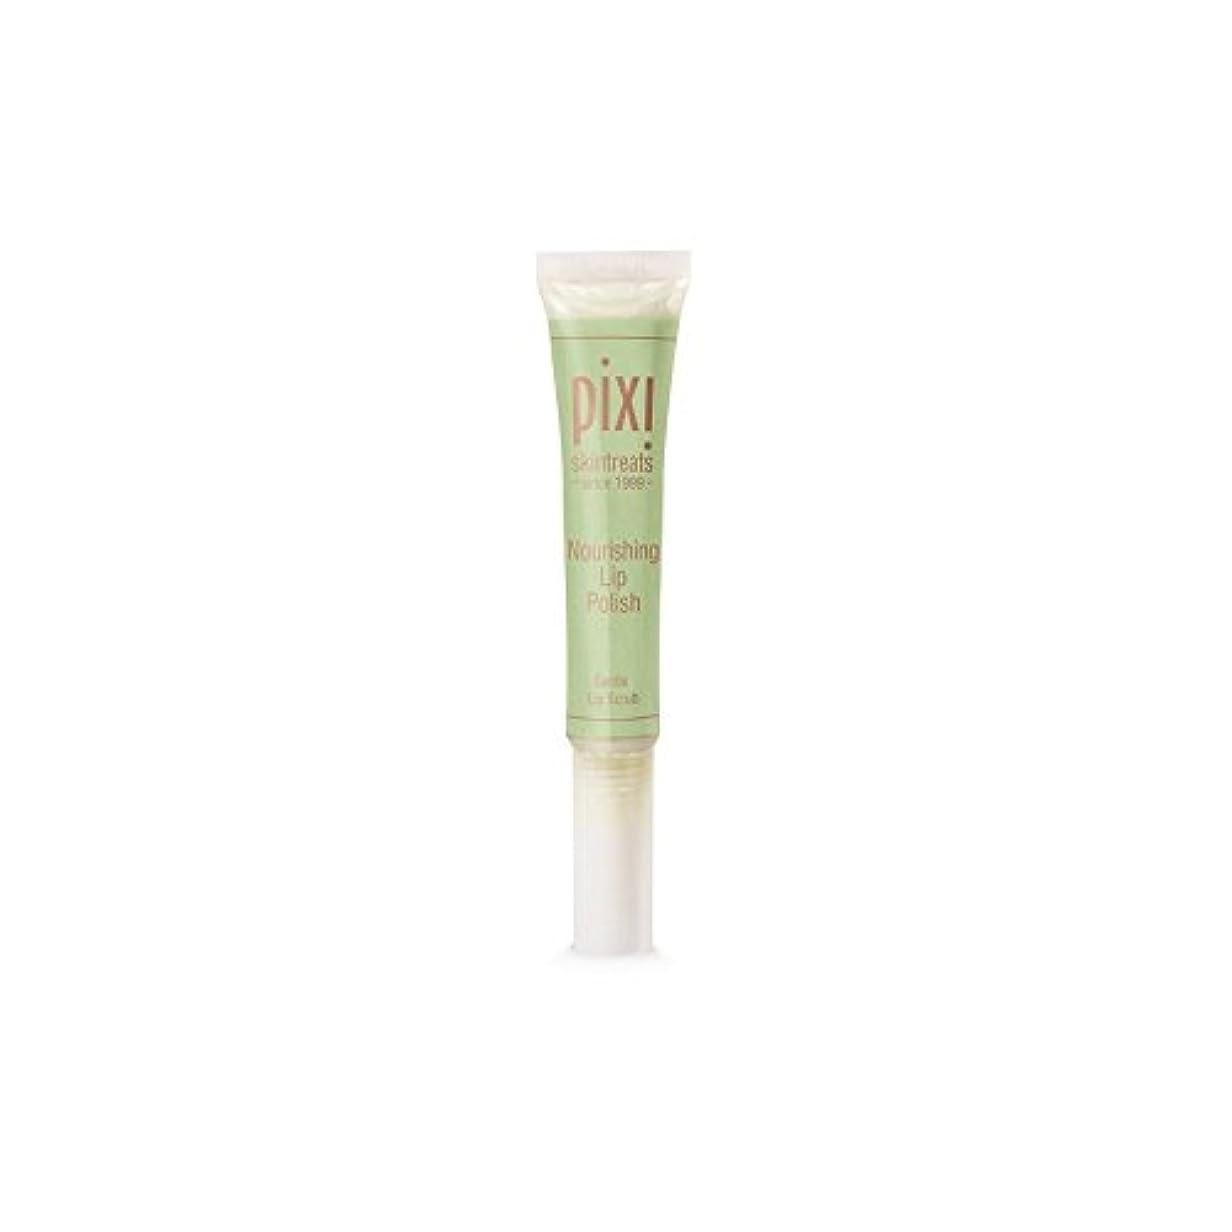 落とし穴評論家調査栄養リップポリッシュ x4 - Pixi Nourishing Lip Polish (Pack of 4) [並行輸入品]